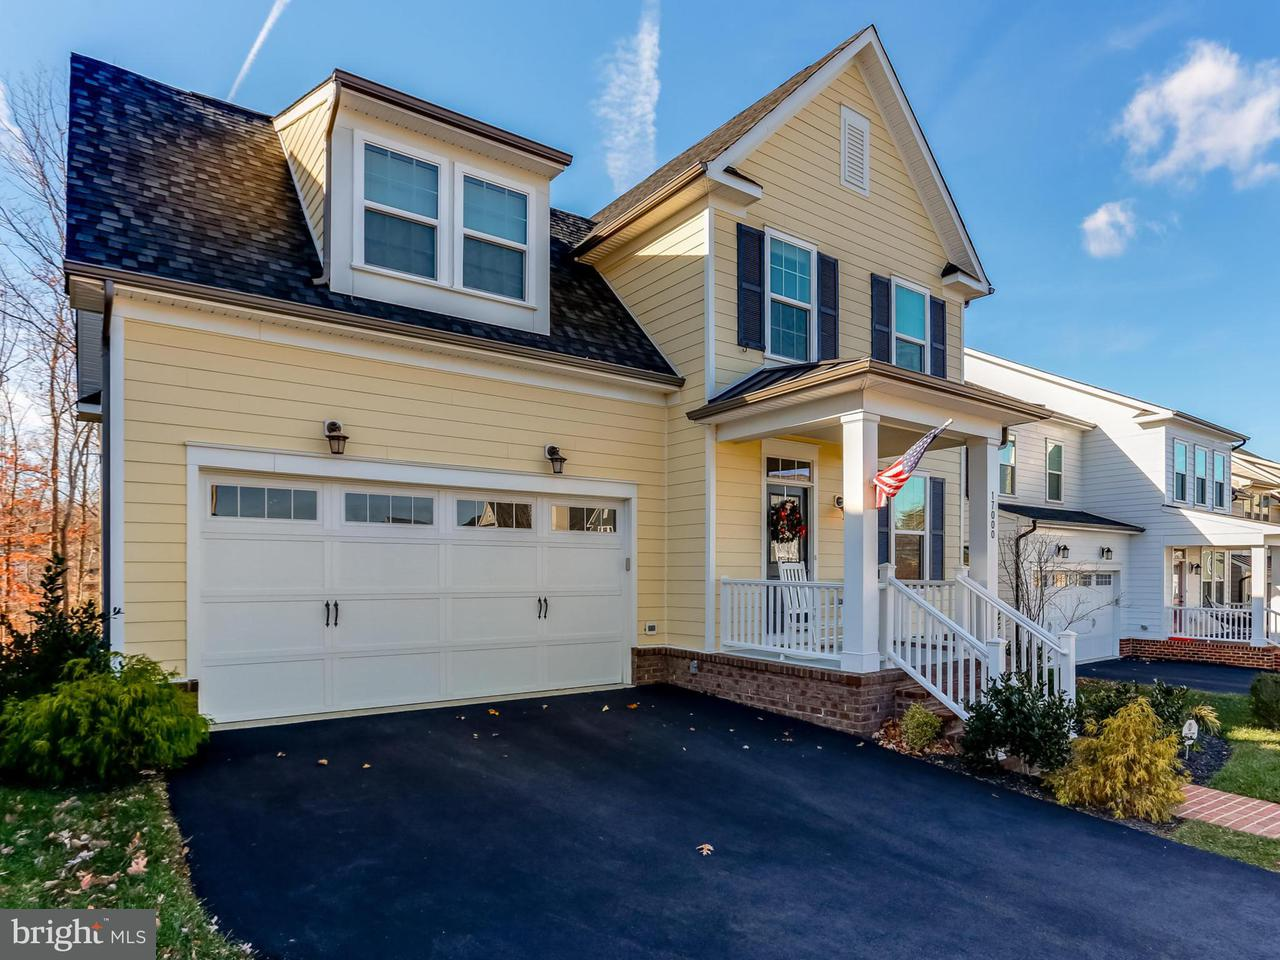 Частный односемейный дом для того Продажа на 17000 TAKEAWAY Lane 17000 TAKEAWAY Lane Dumfries, Виргиния 22026 Соединенные Штаты